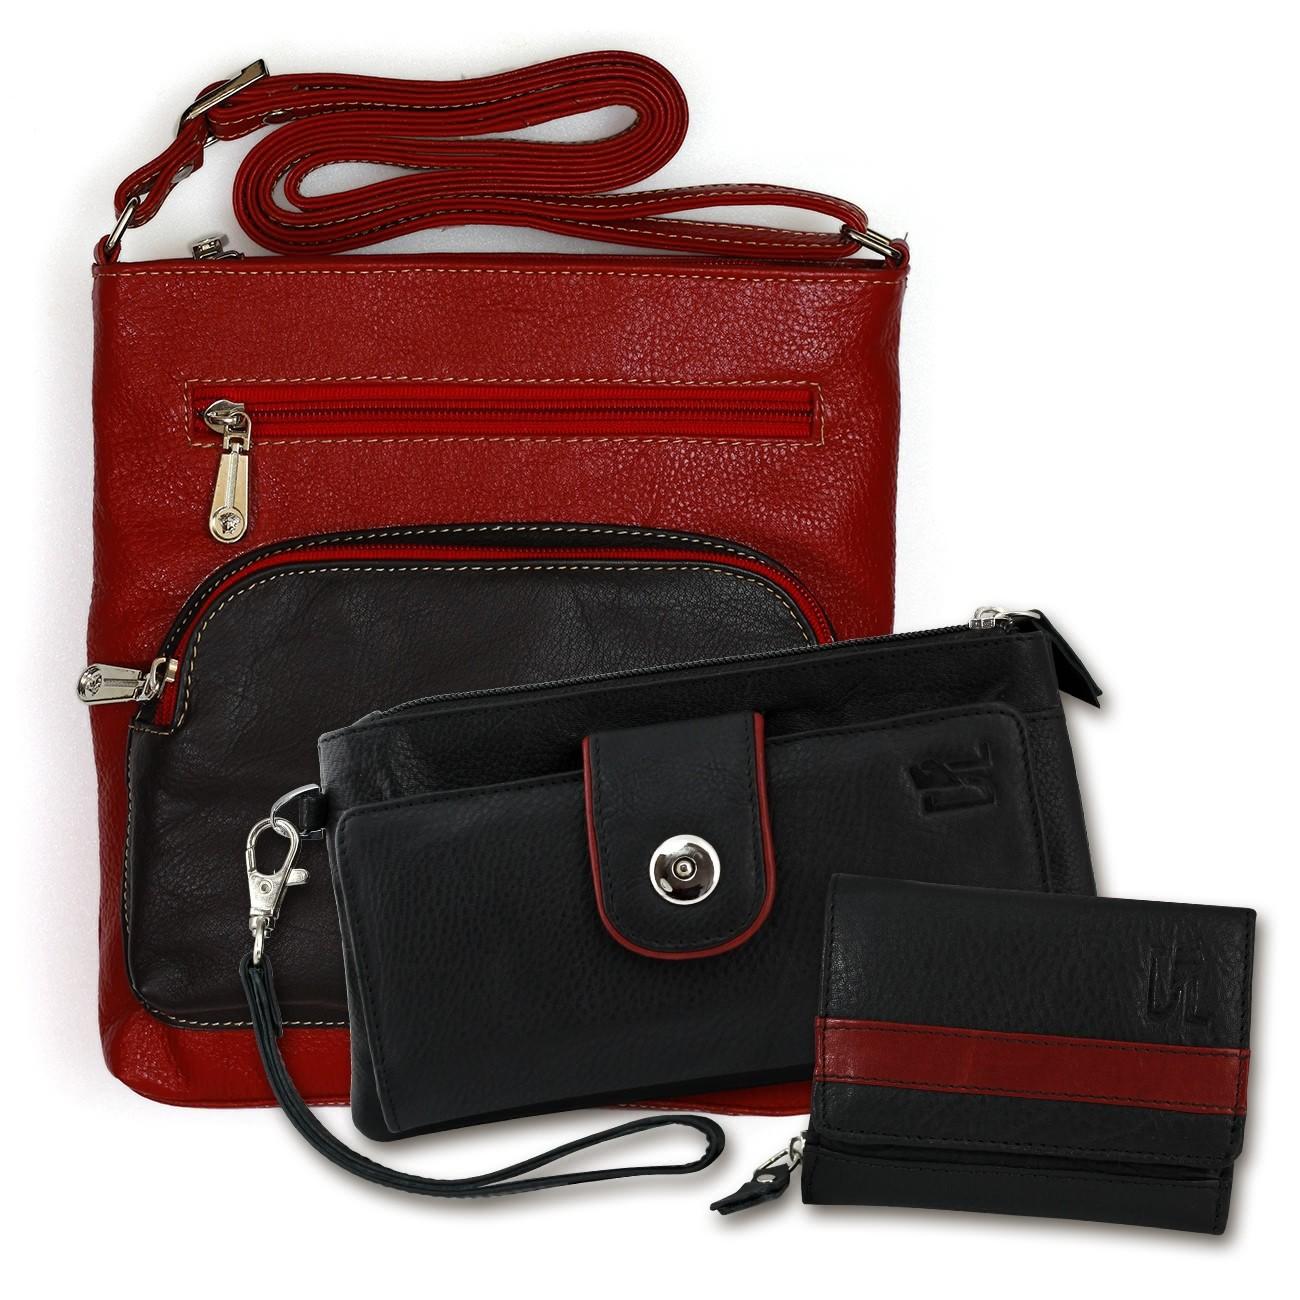 Umhängetasche + Geldbörse + Wristlet Set Leder schwarz Geschenkset 3tlg. OSZ101S